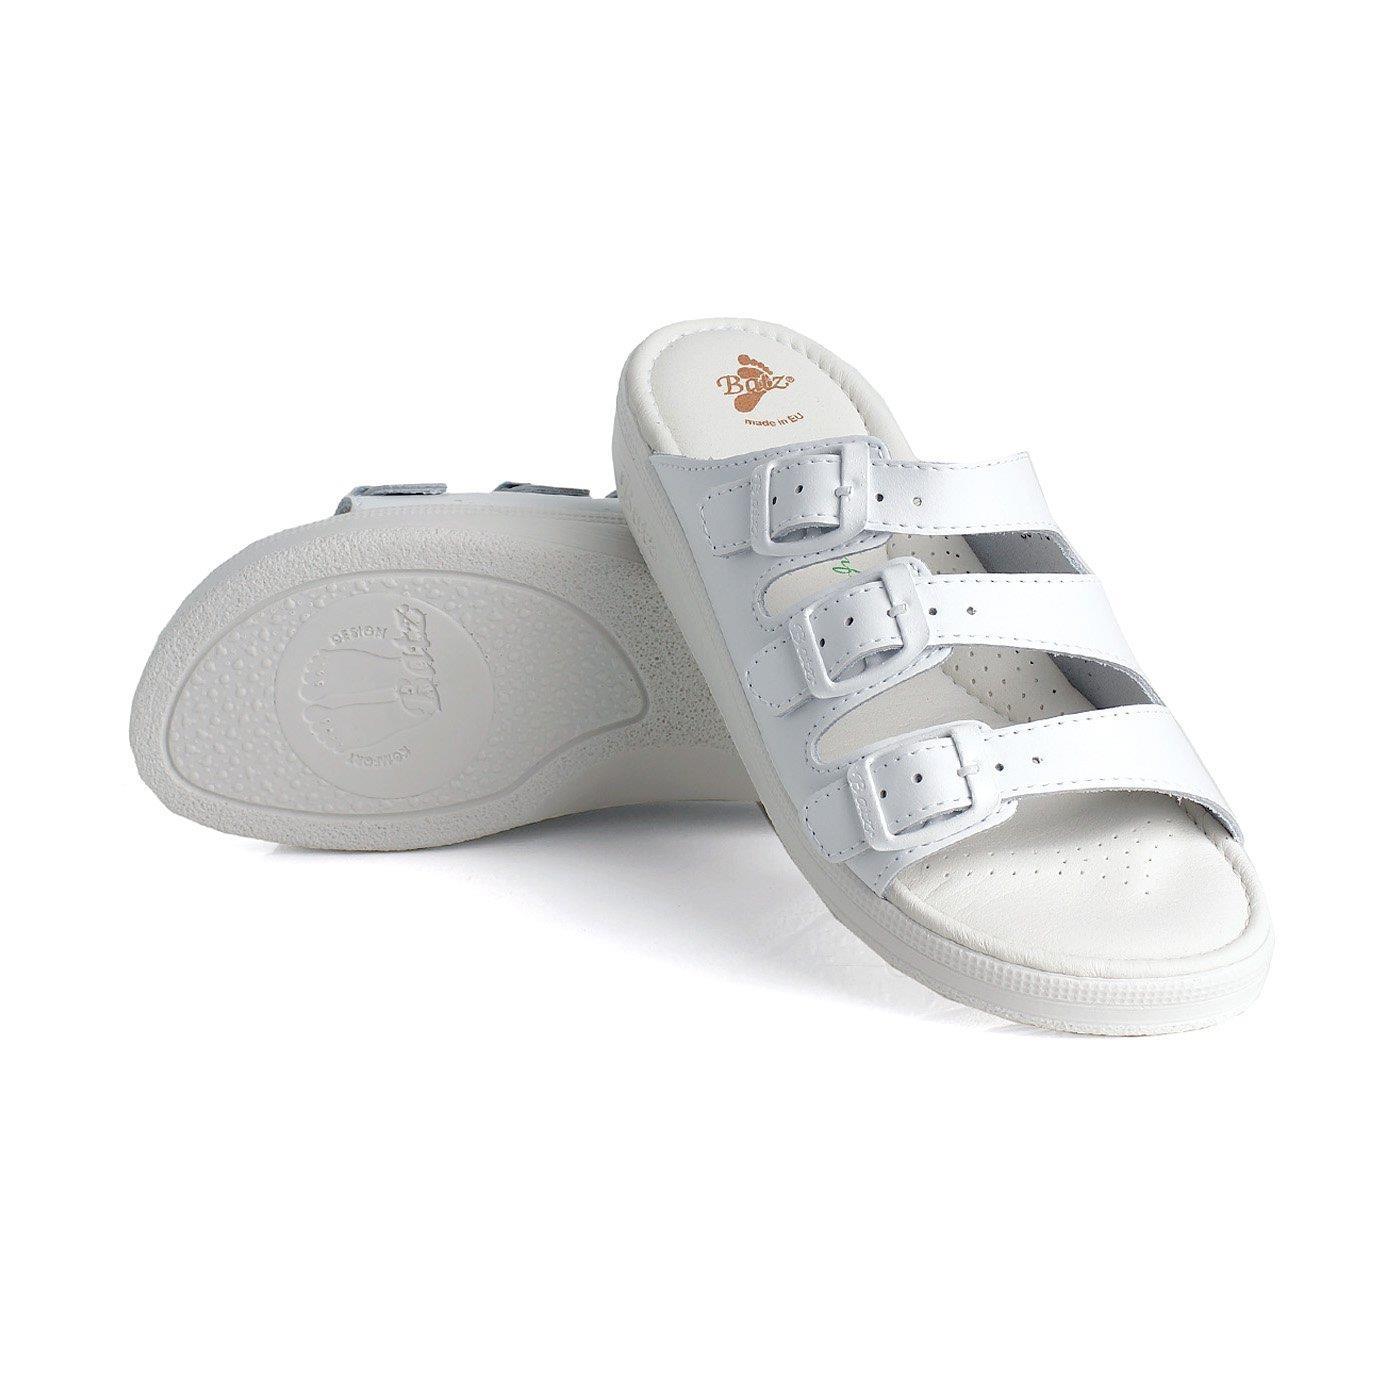 Batz* *Batz dámské zdravotní pantofle 3BCS White 38 38